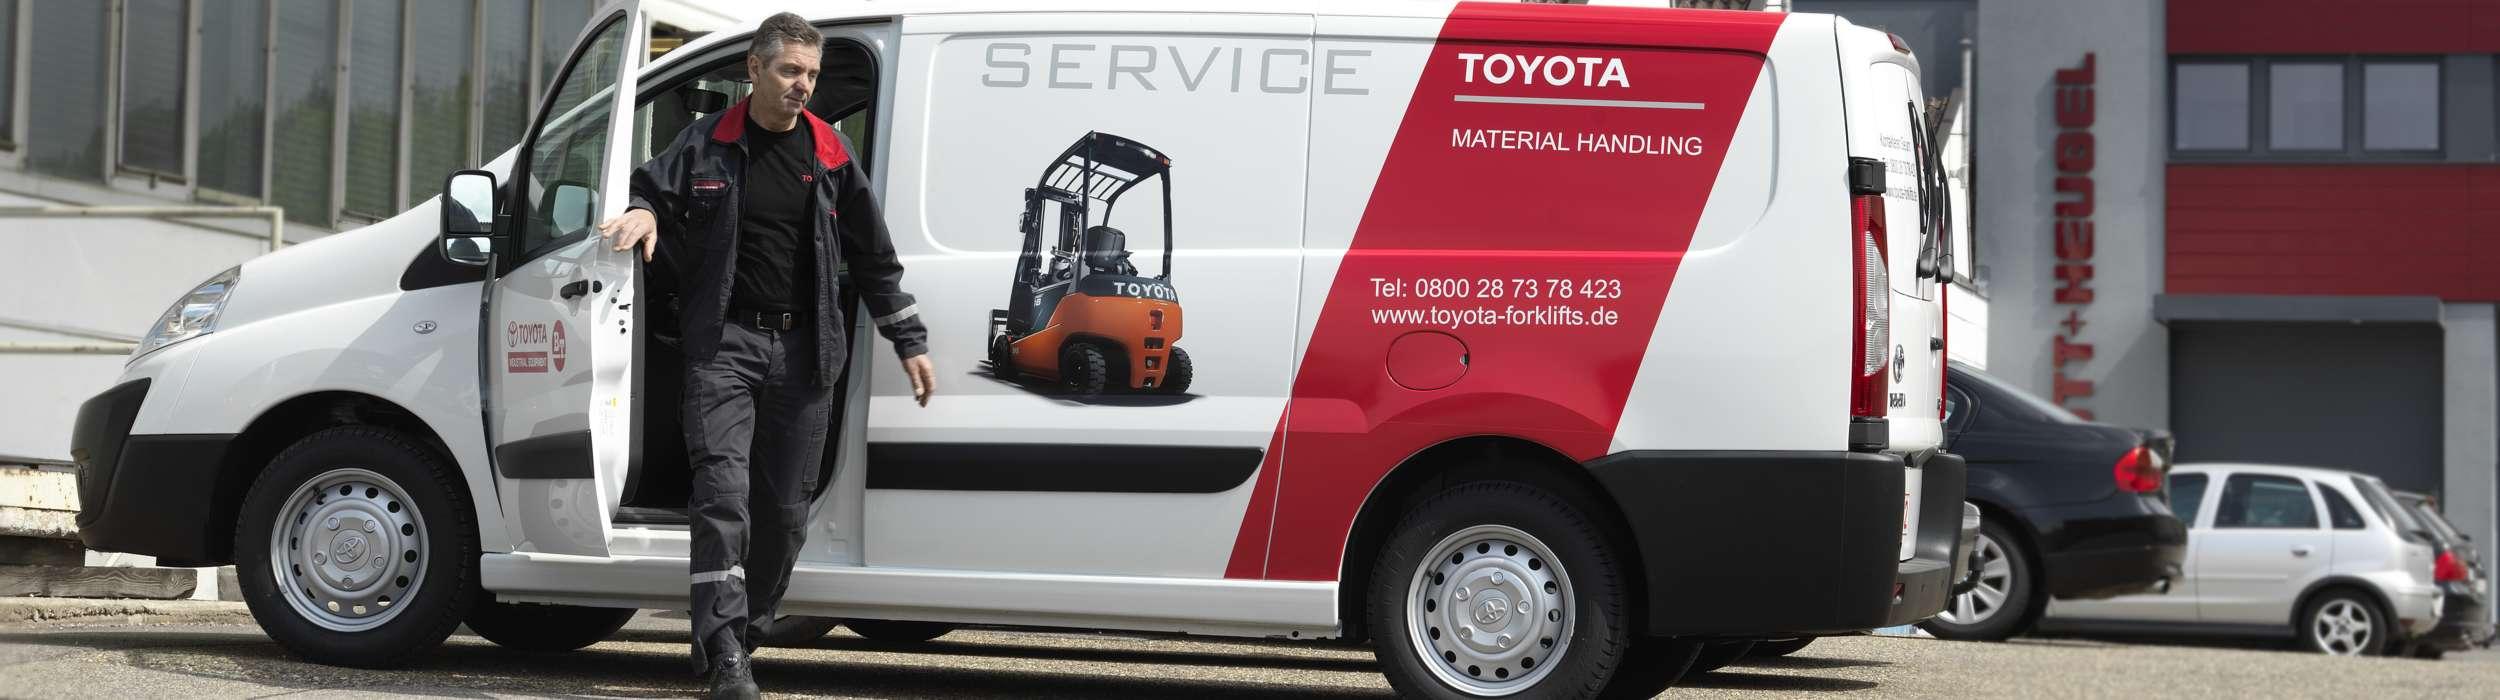 Servimos os nossos clientes com sucesso à primeira tentativa